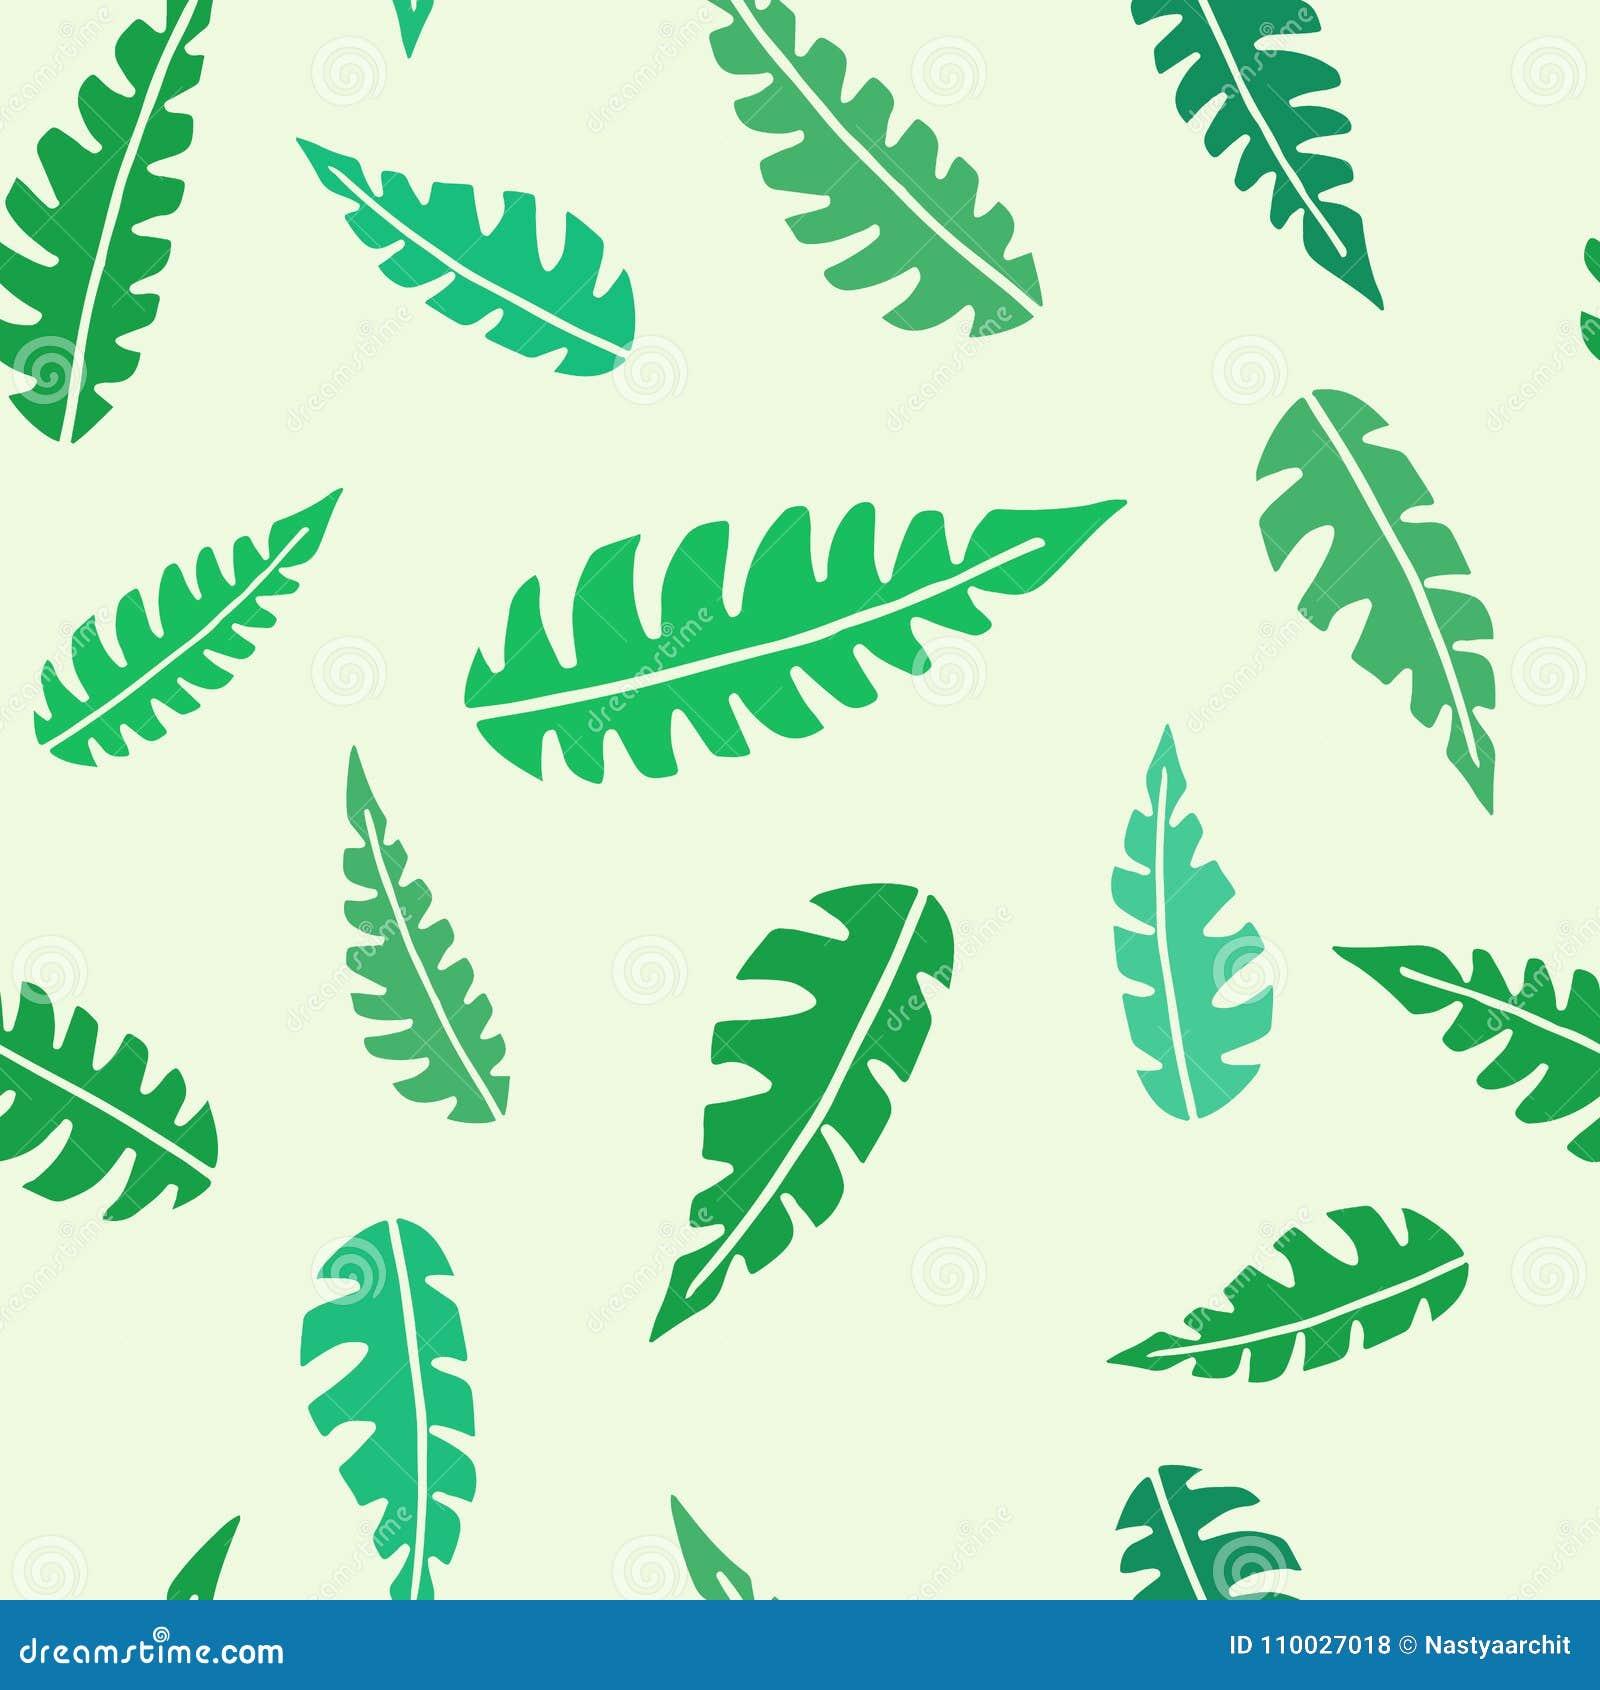 Bloemen naadloos patroon met groene tropische bladeren